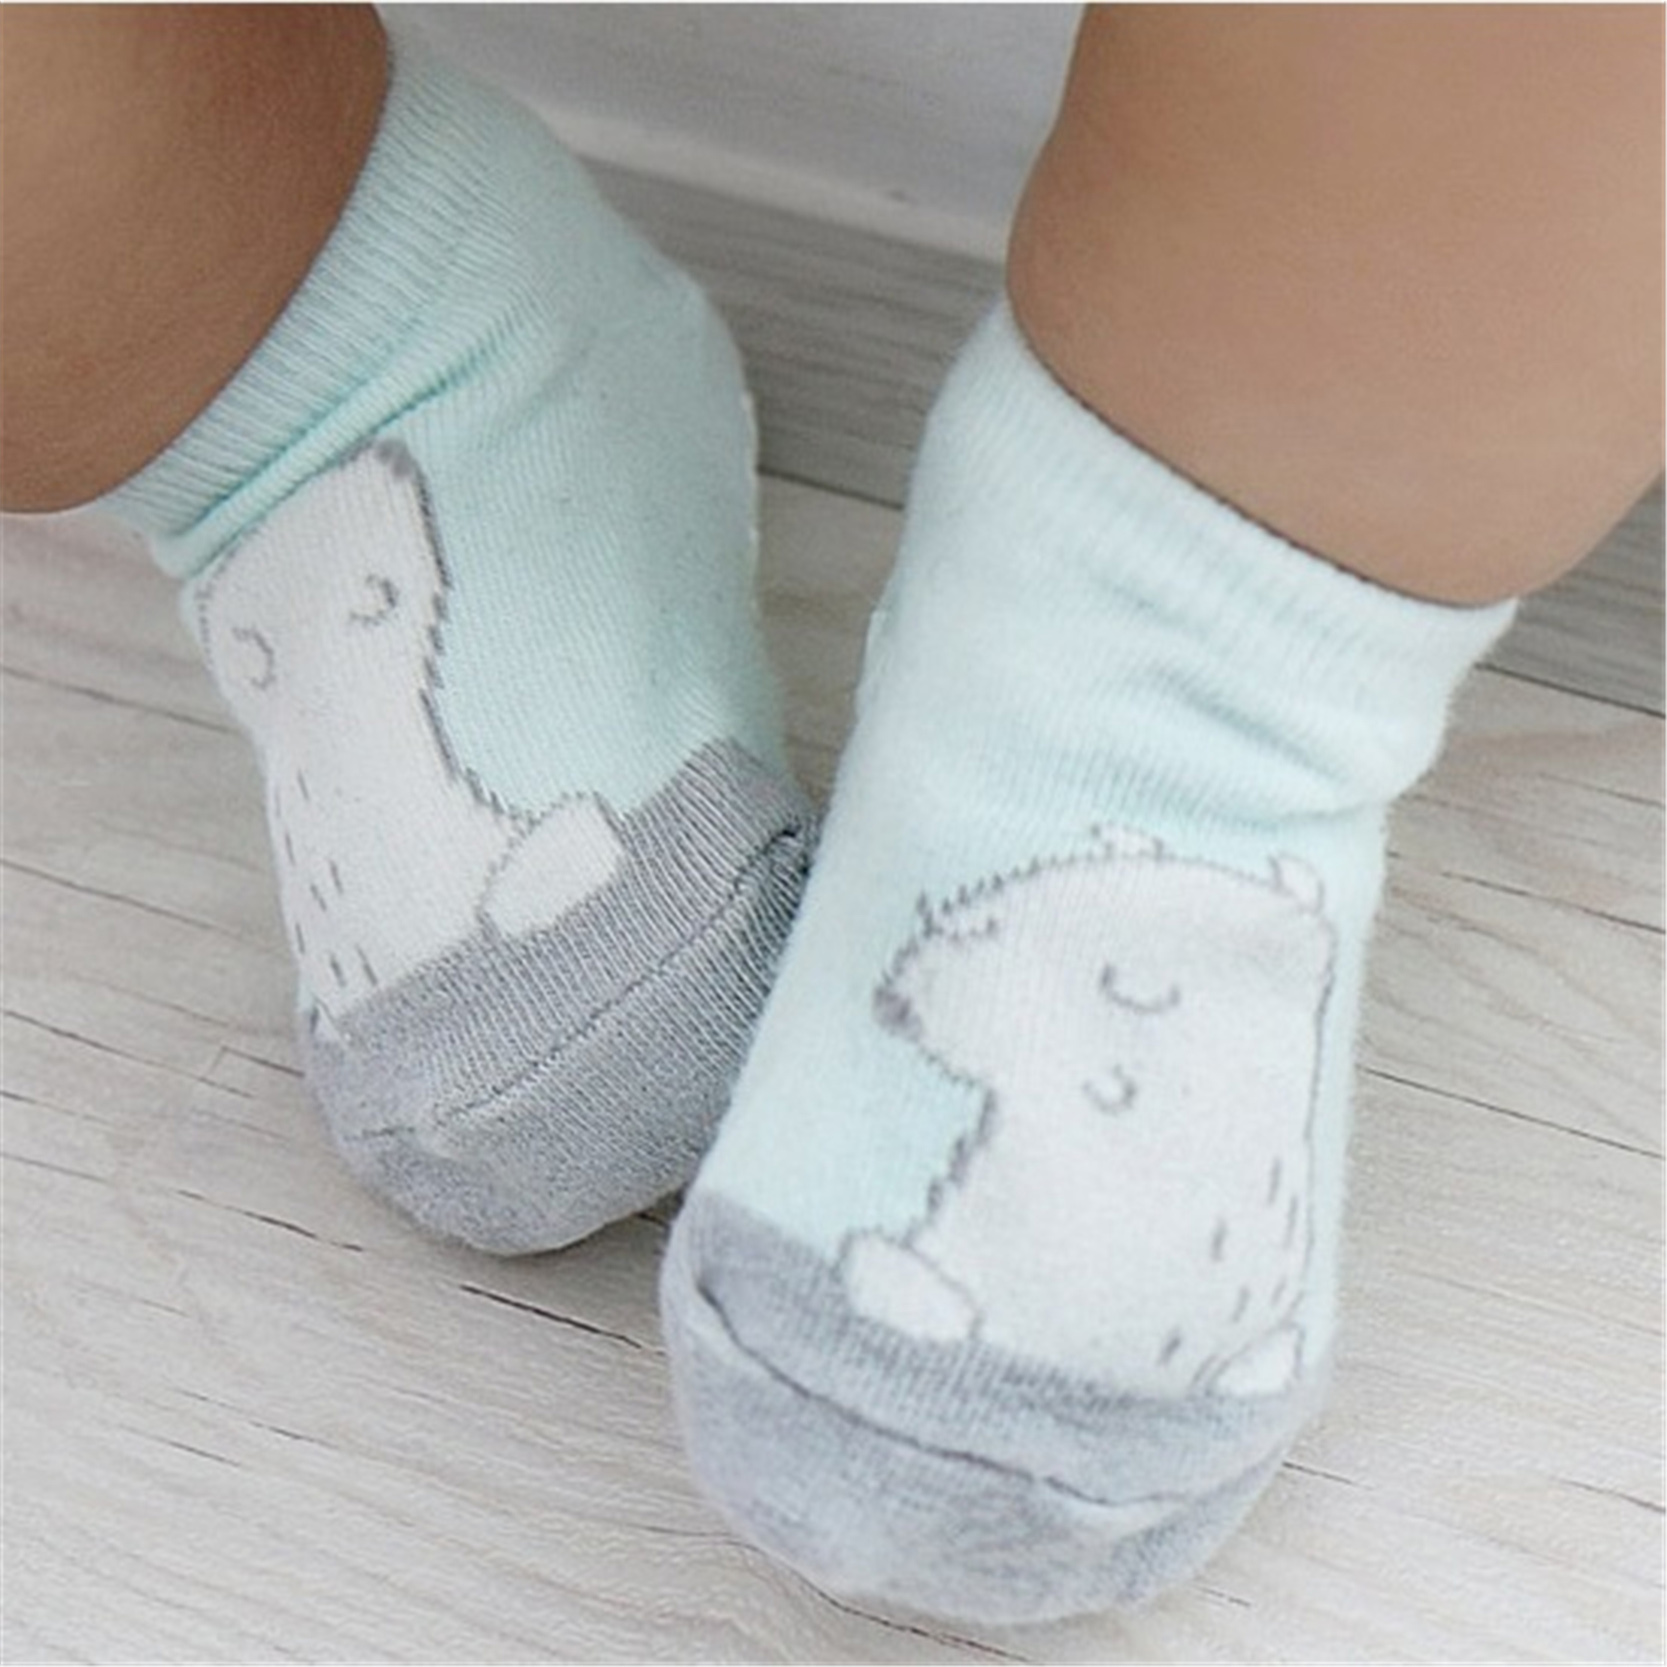 Kid Için sevimli Karikatür Unisex Anti Kayma Çorap Kız Erkek Pamuk Bebek Çocuk Kısa Ayak Bileği Çorap